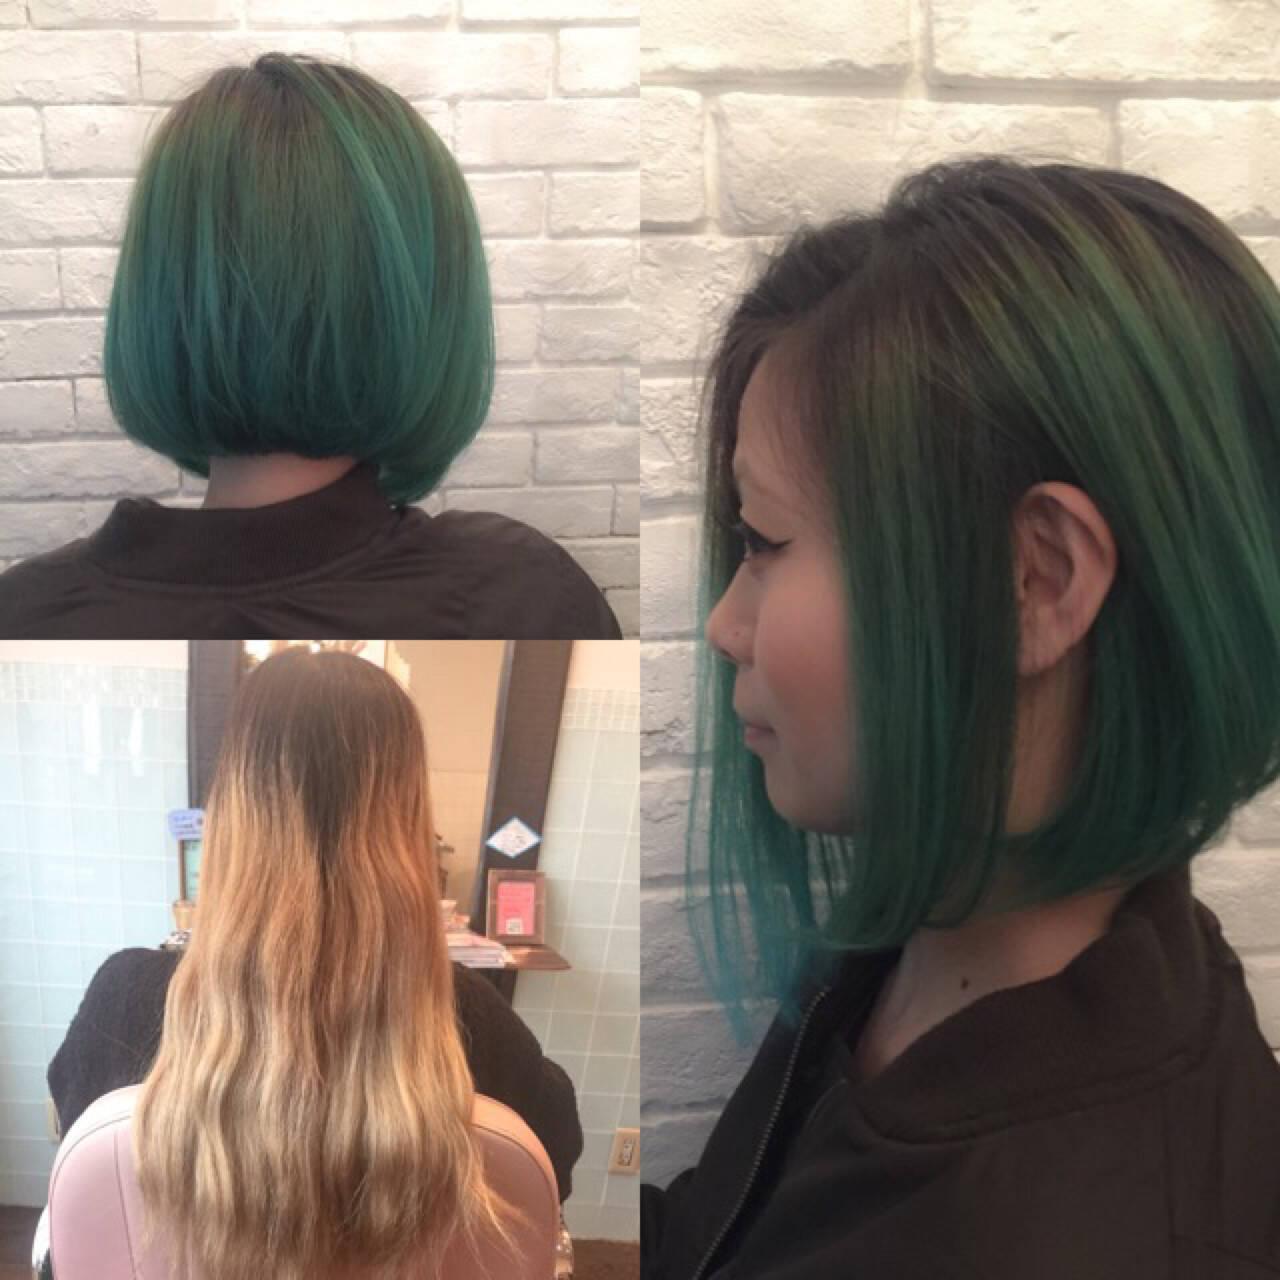 グラデーションカラー 前下がり 色気 ボブヘアスタイルや髪型の写真・画像